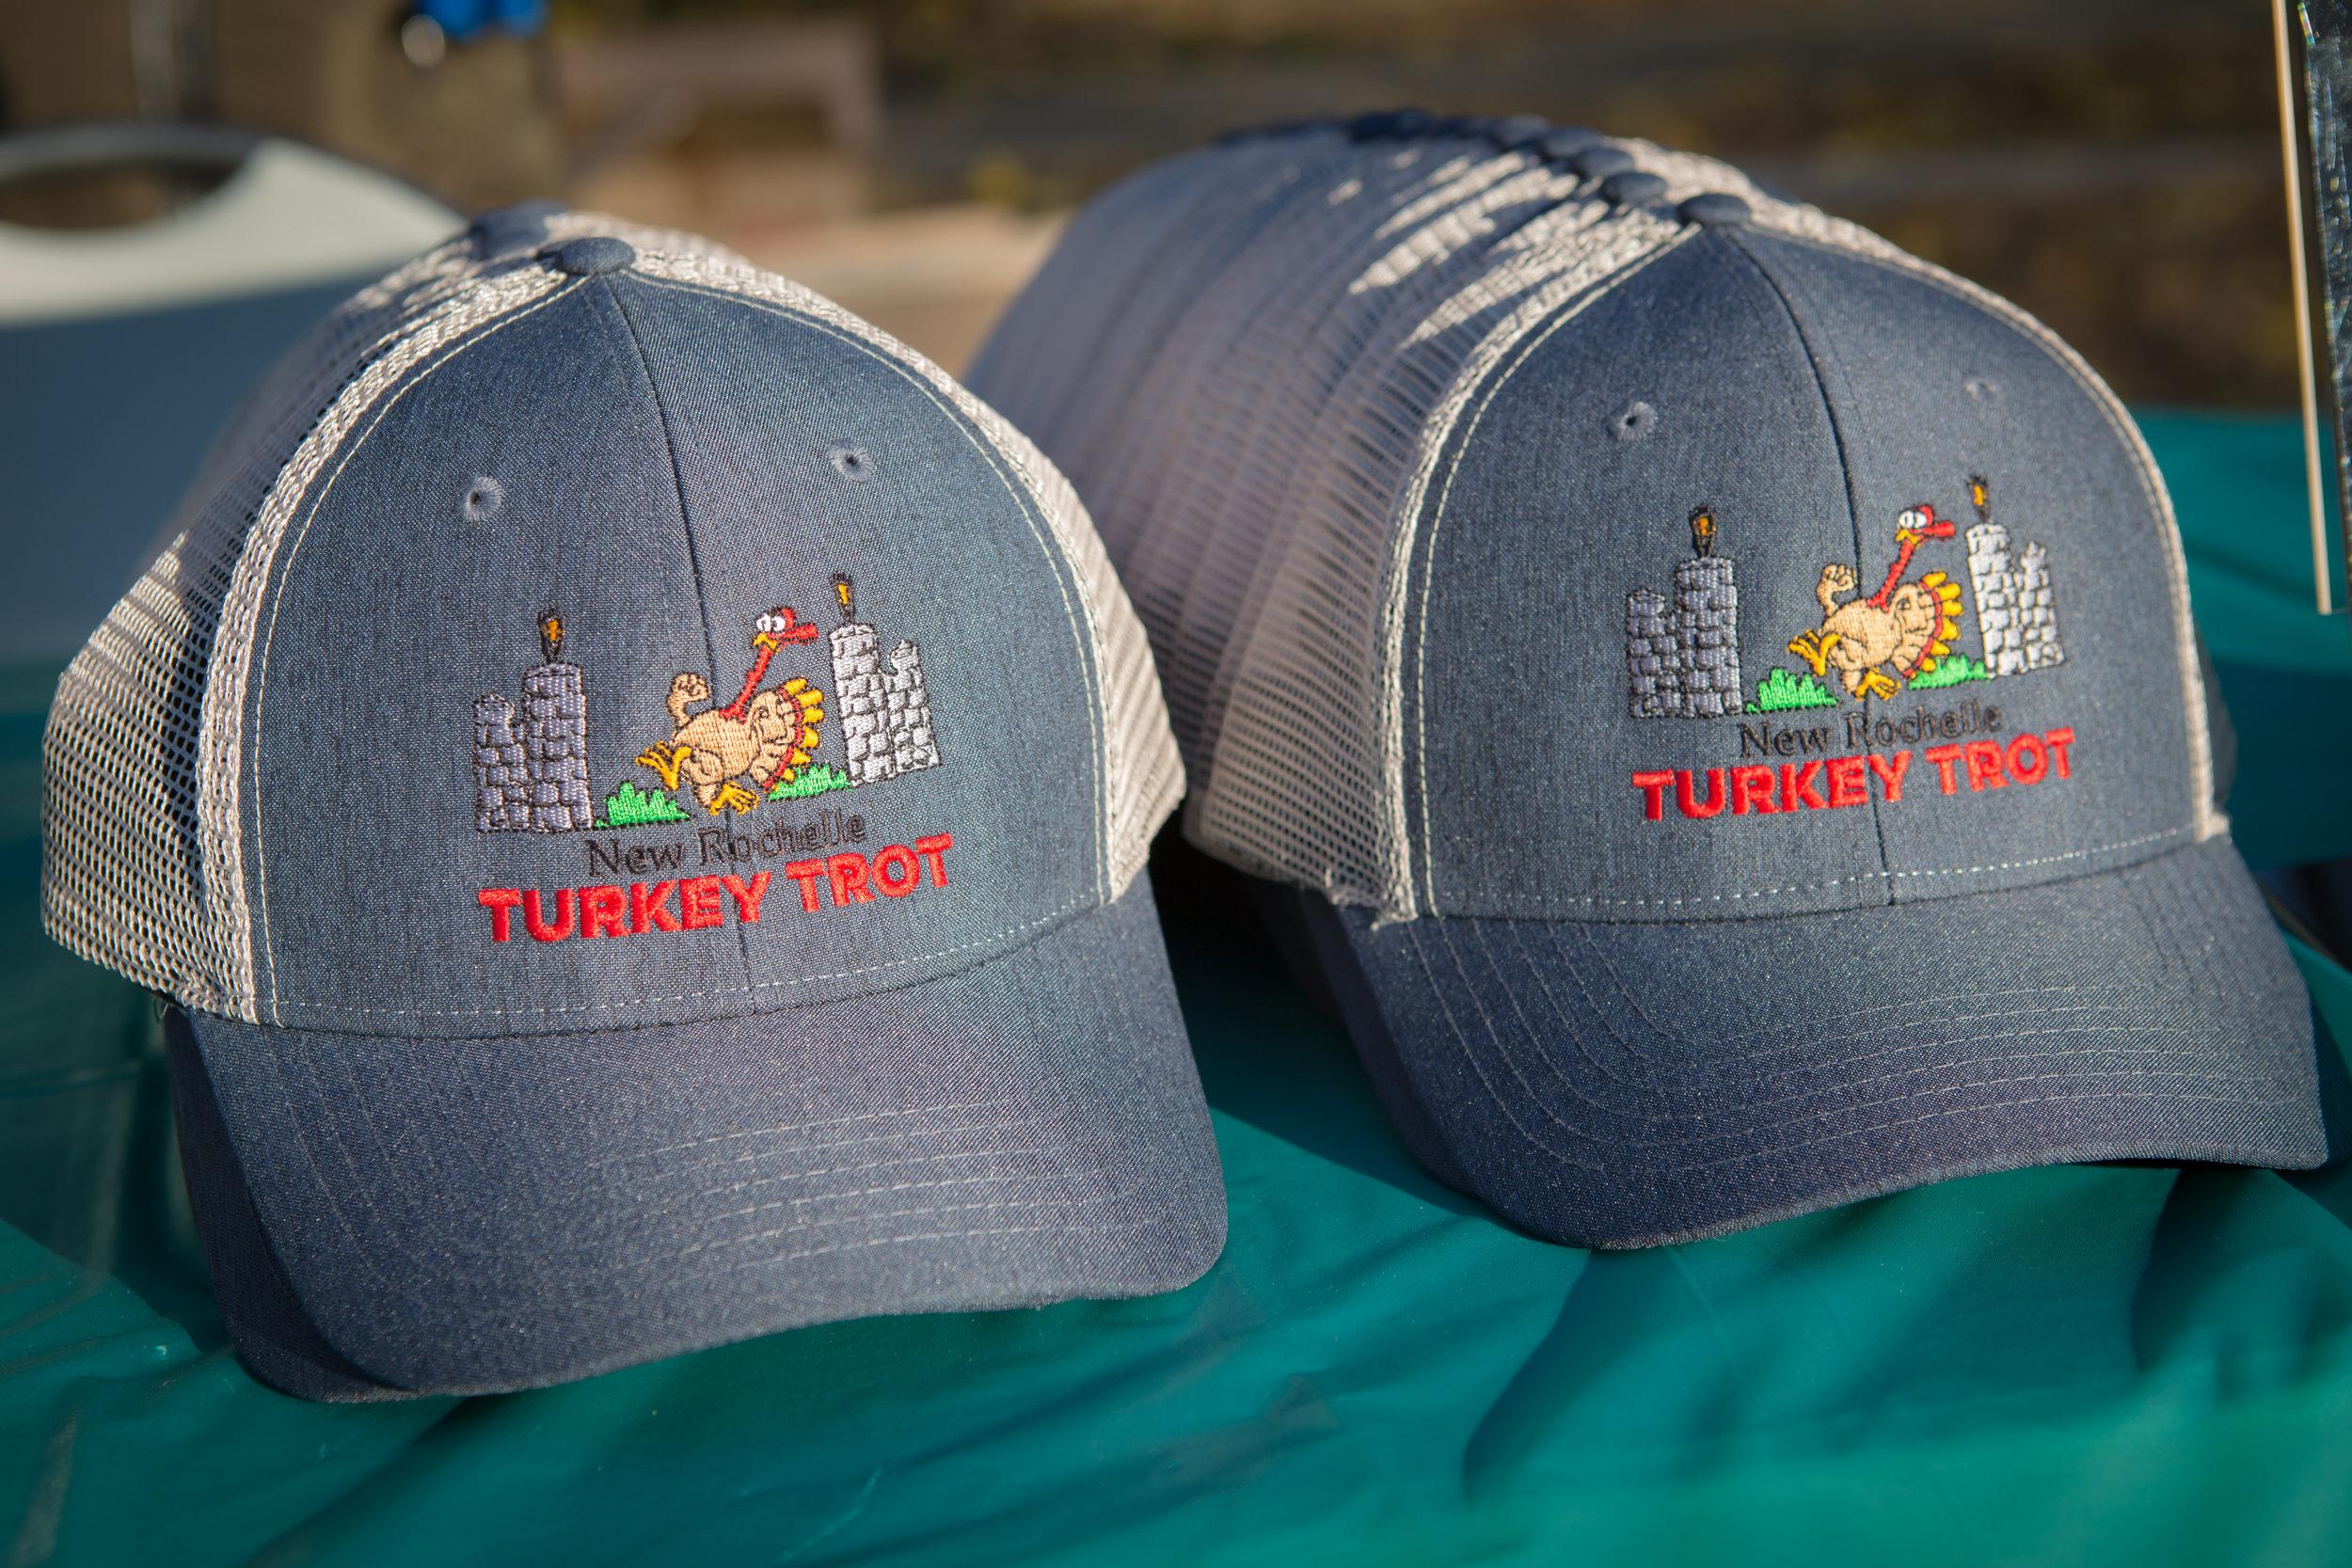 turkey trot hats